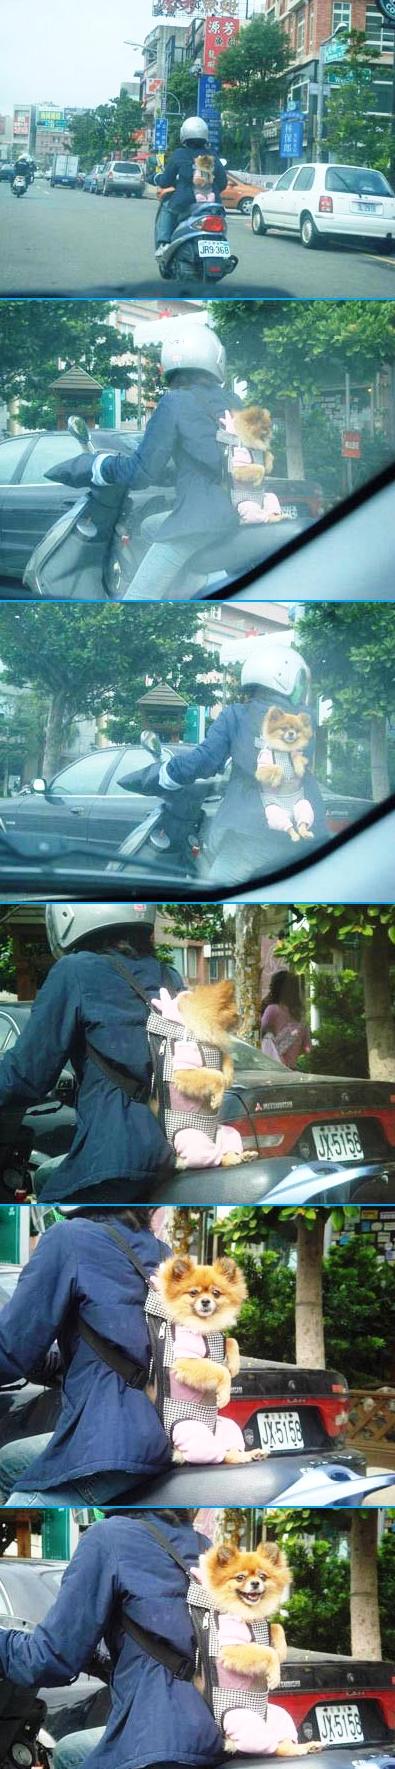 面白画像 ニヤリ! 車運転中、原付に乗っている人の背中にいたポメラリアンと目が合う(笑)animal_0003